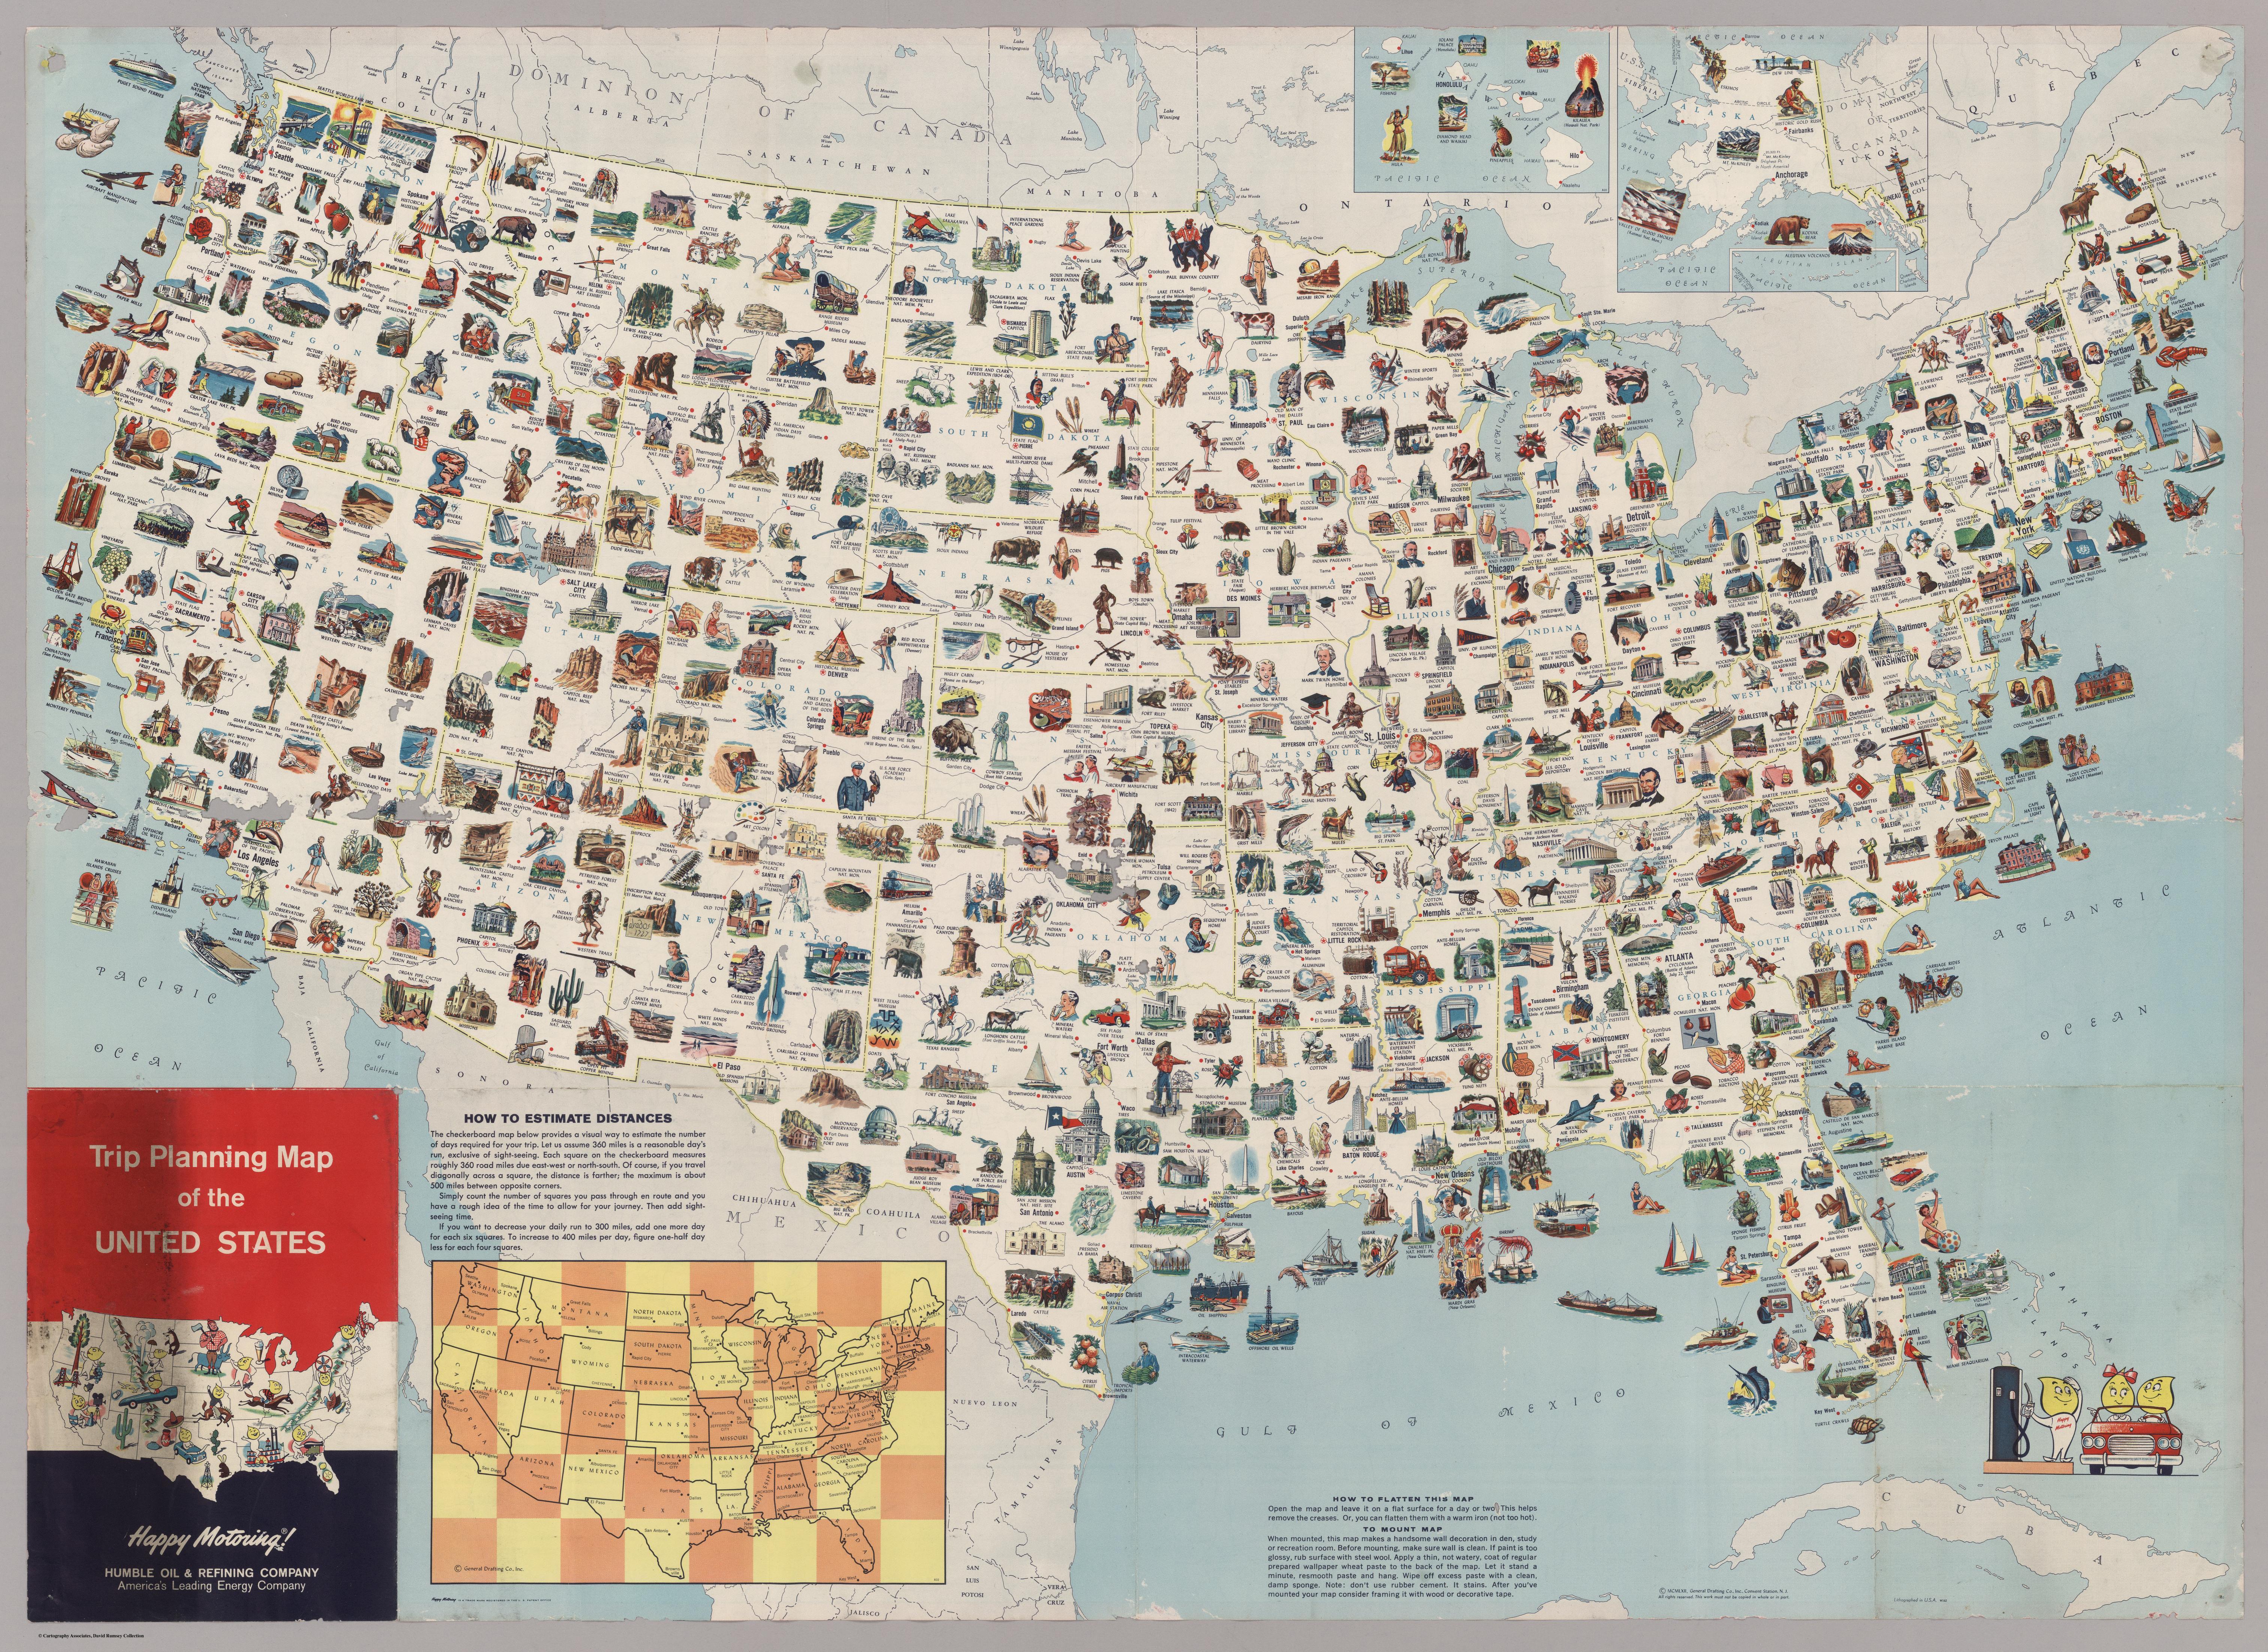 туристическая карта америки